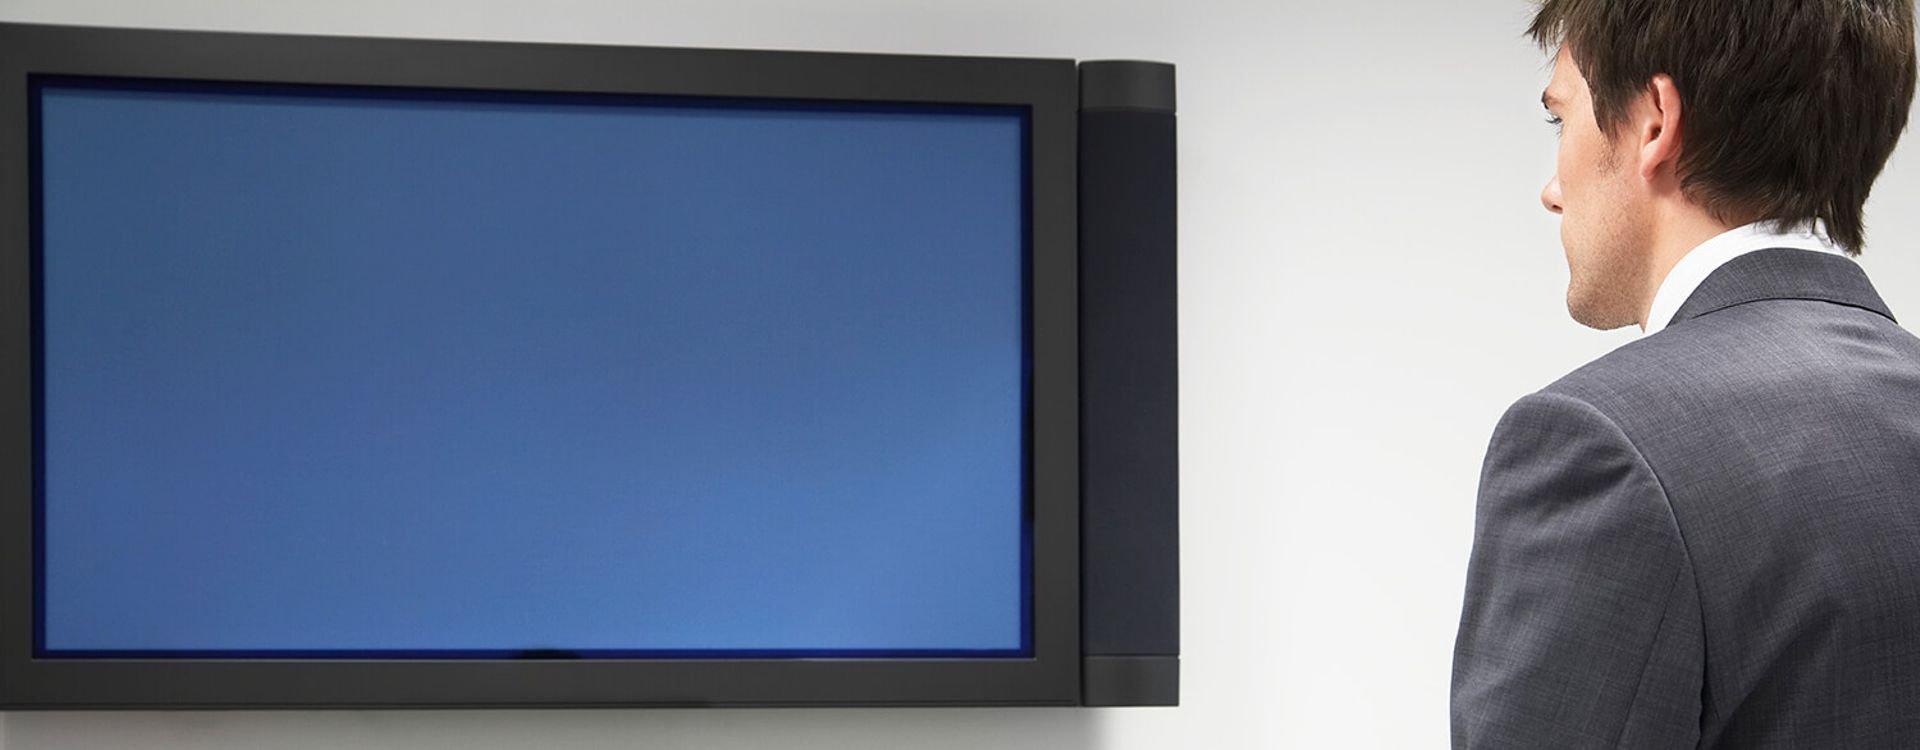 تعلم كيف تختار أفضل التلفزيونات الذكية